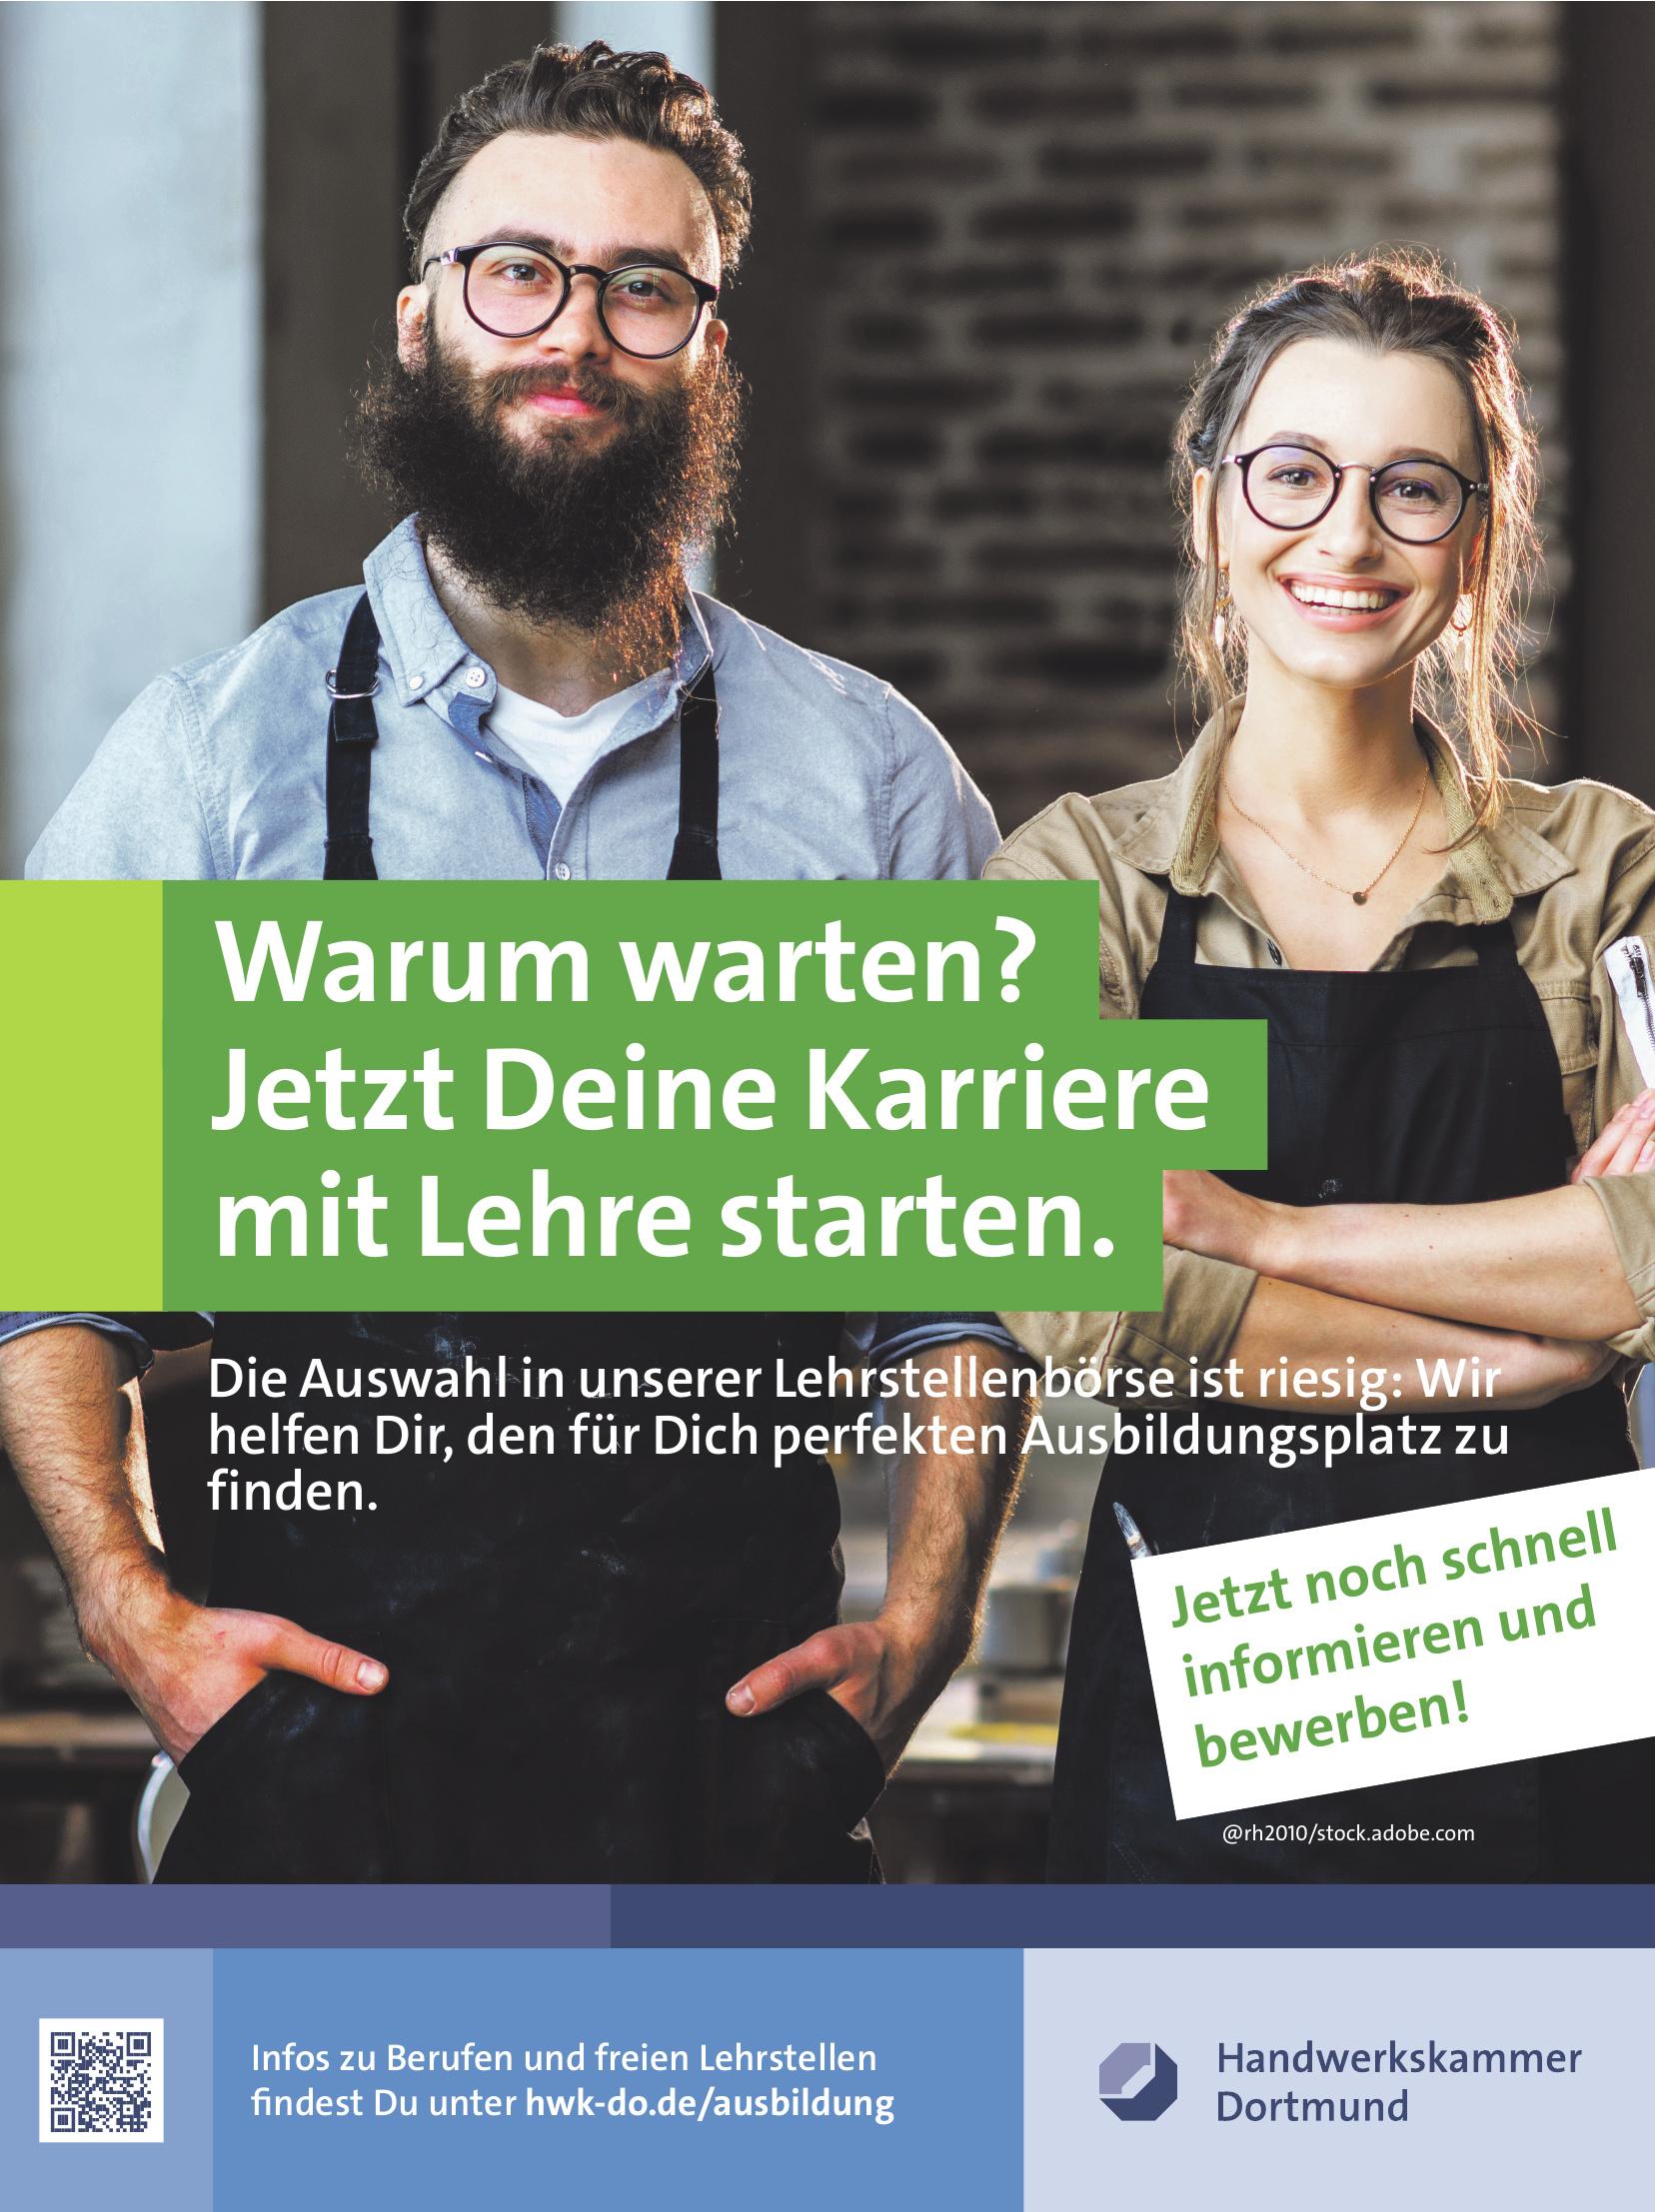 Handwerkskammer Dortmund